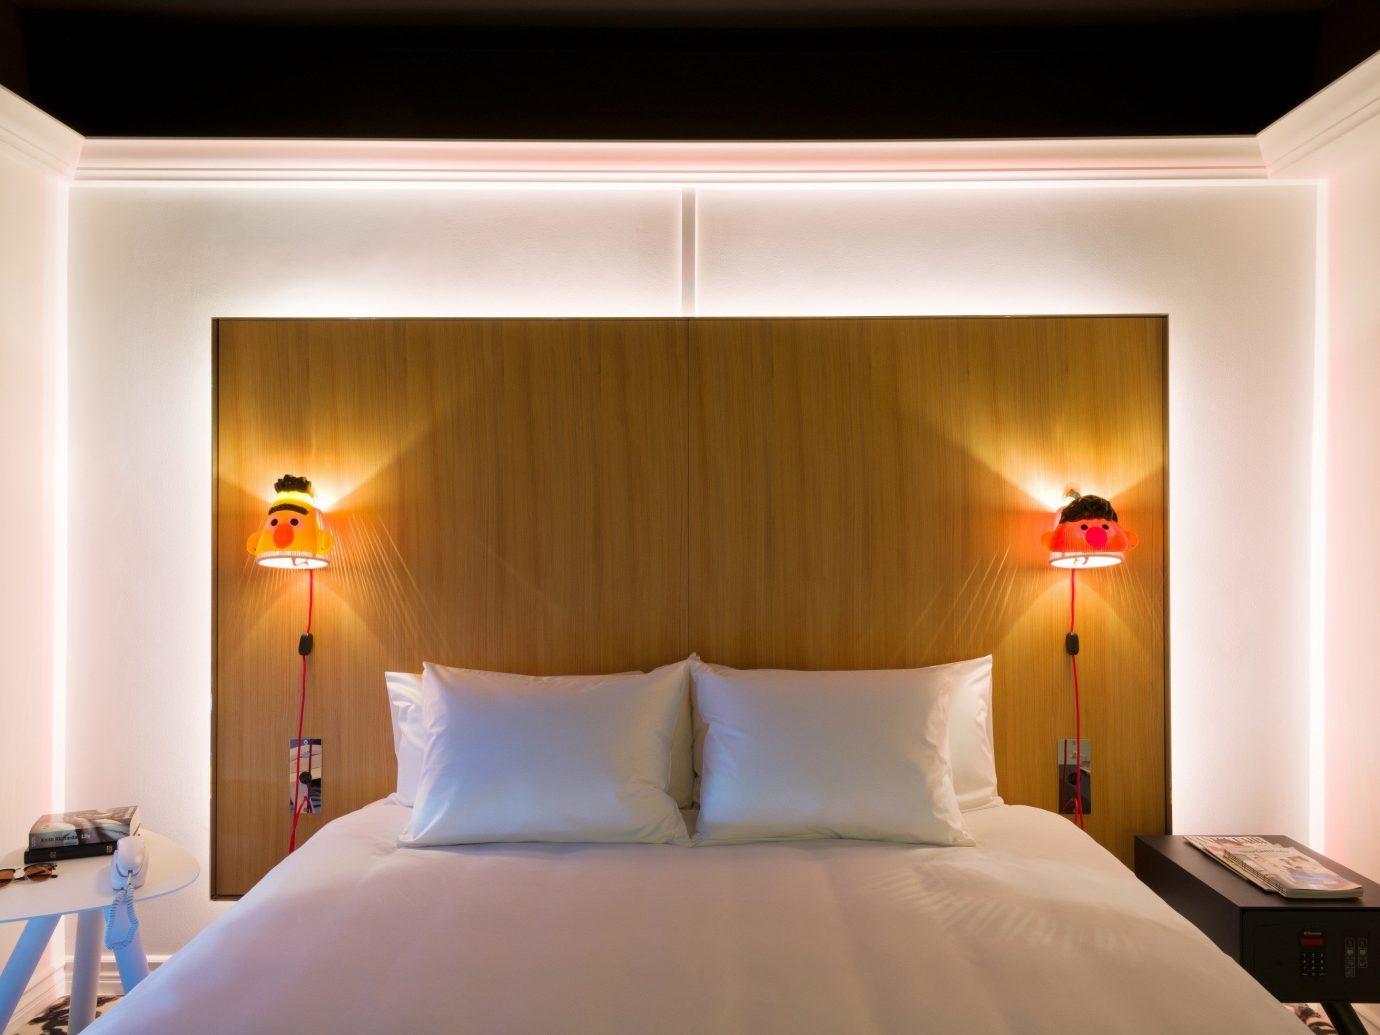 Food + Drink wall bed indoor room Bedroom Suite hotel interior design white Design furniture ceiling estate flat